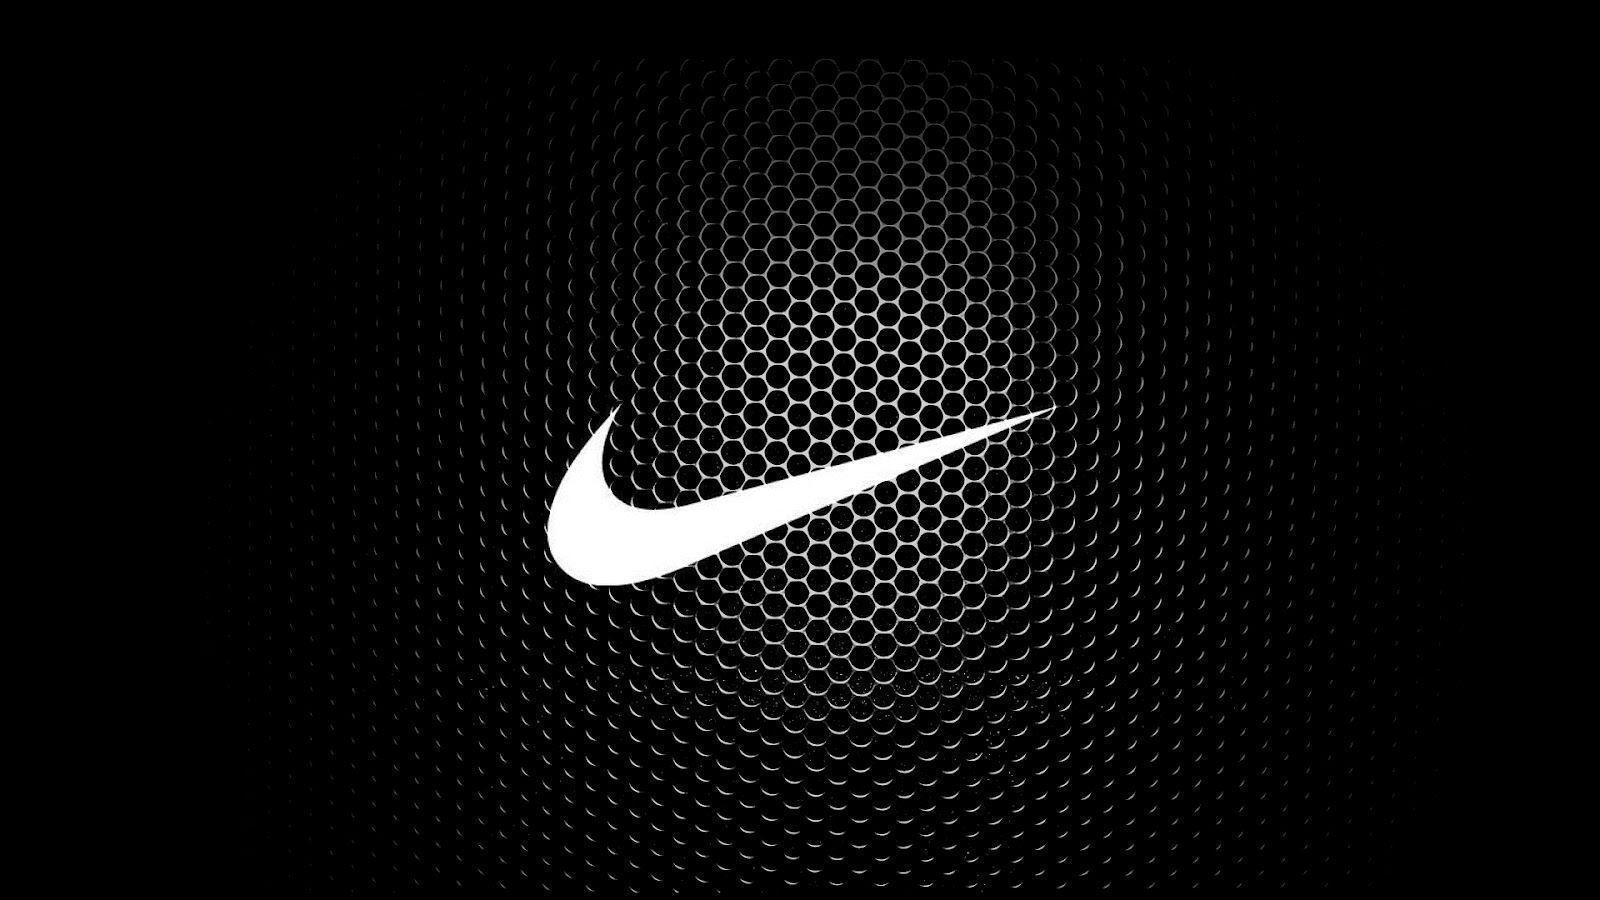 Nike Logo Wallpapers HD 2015 free download | PixelsTalk.Net